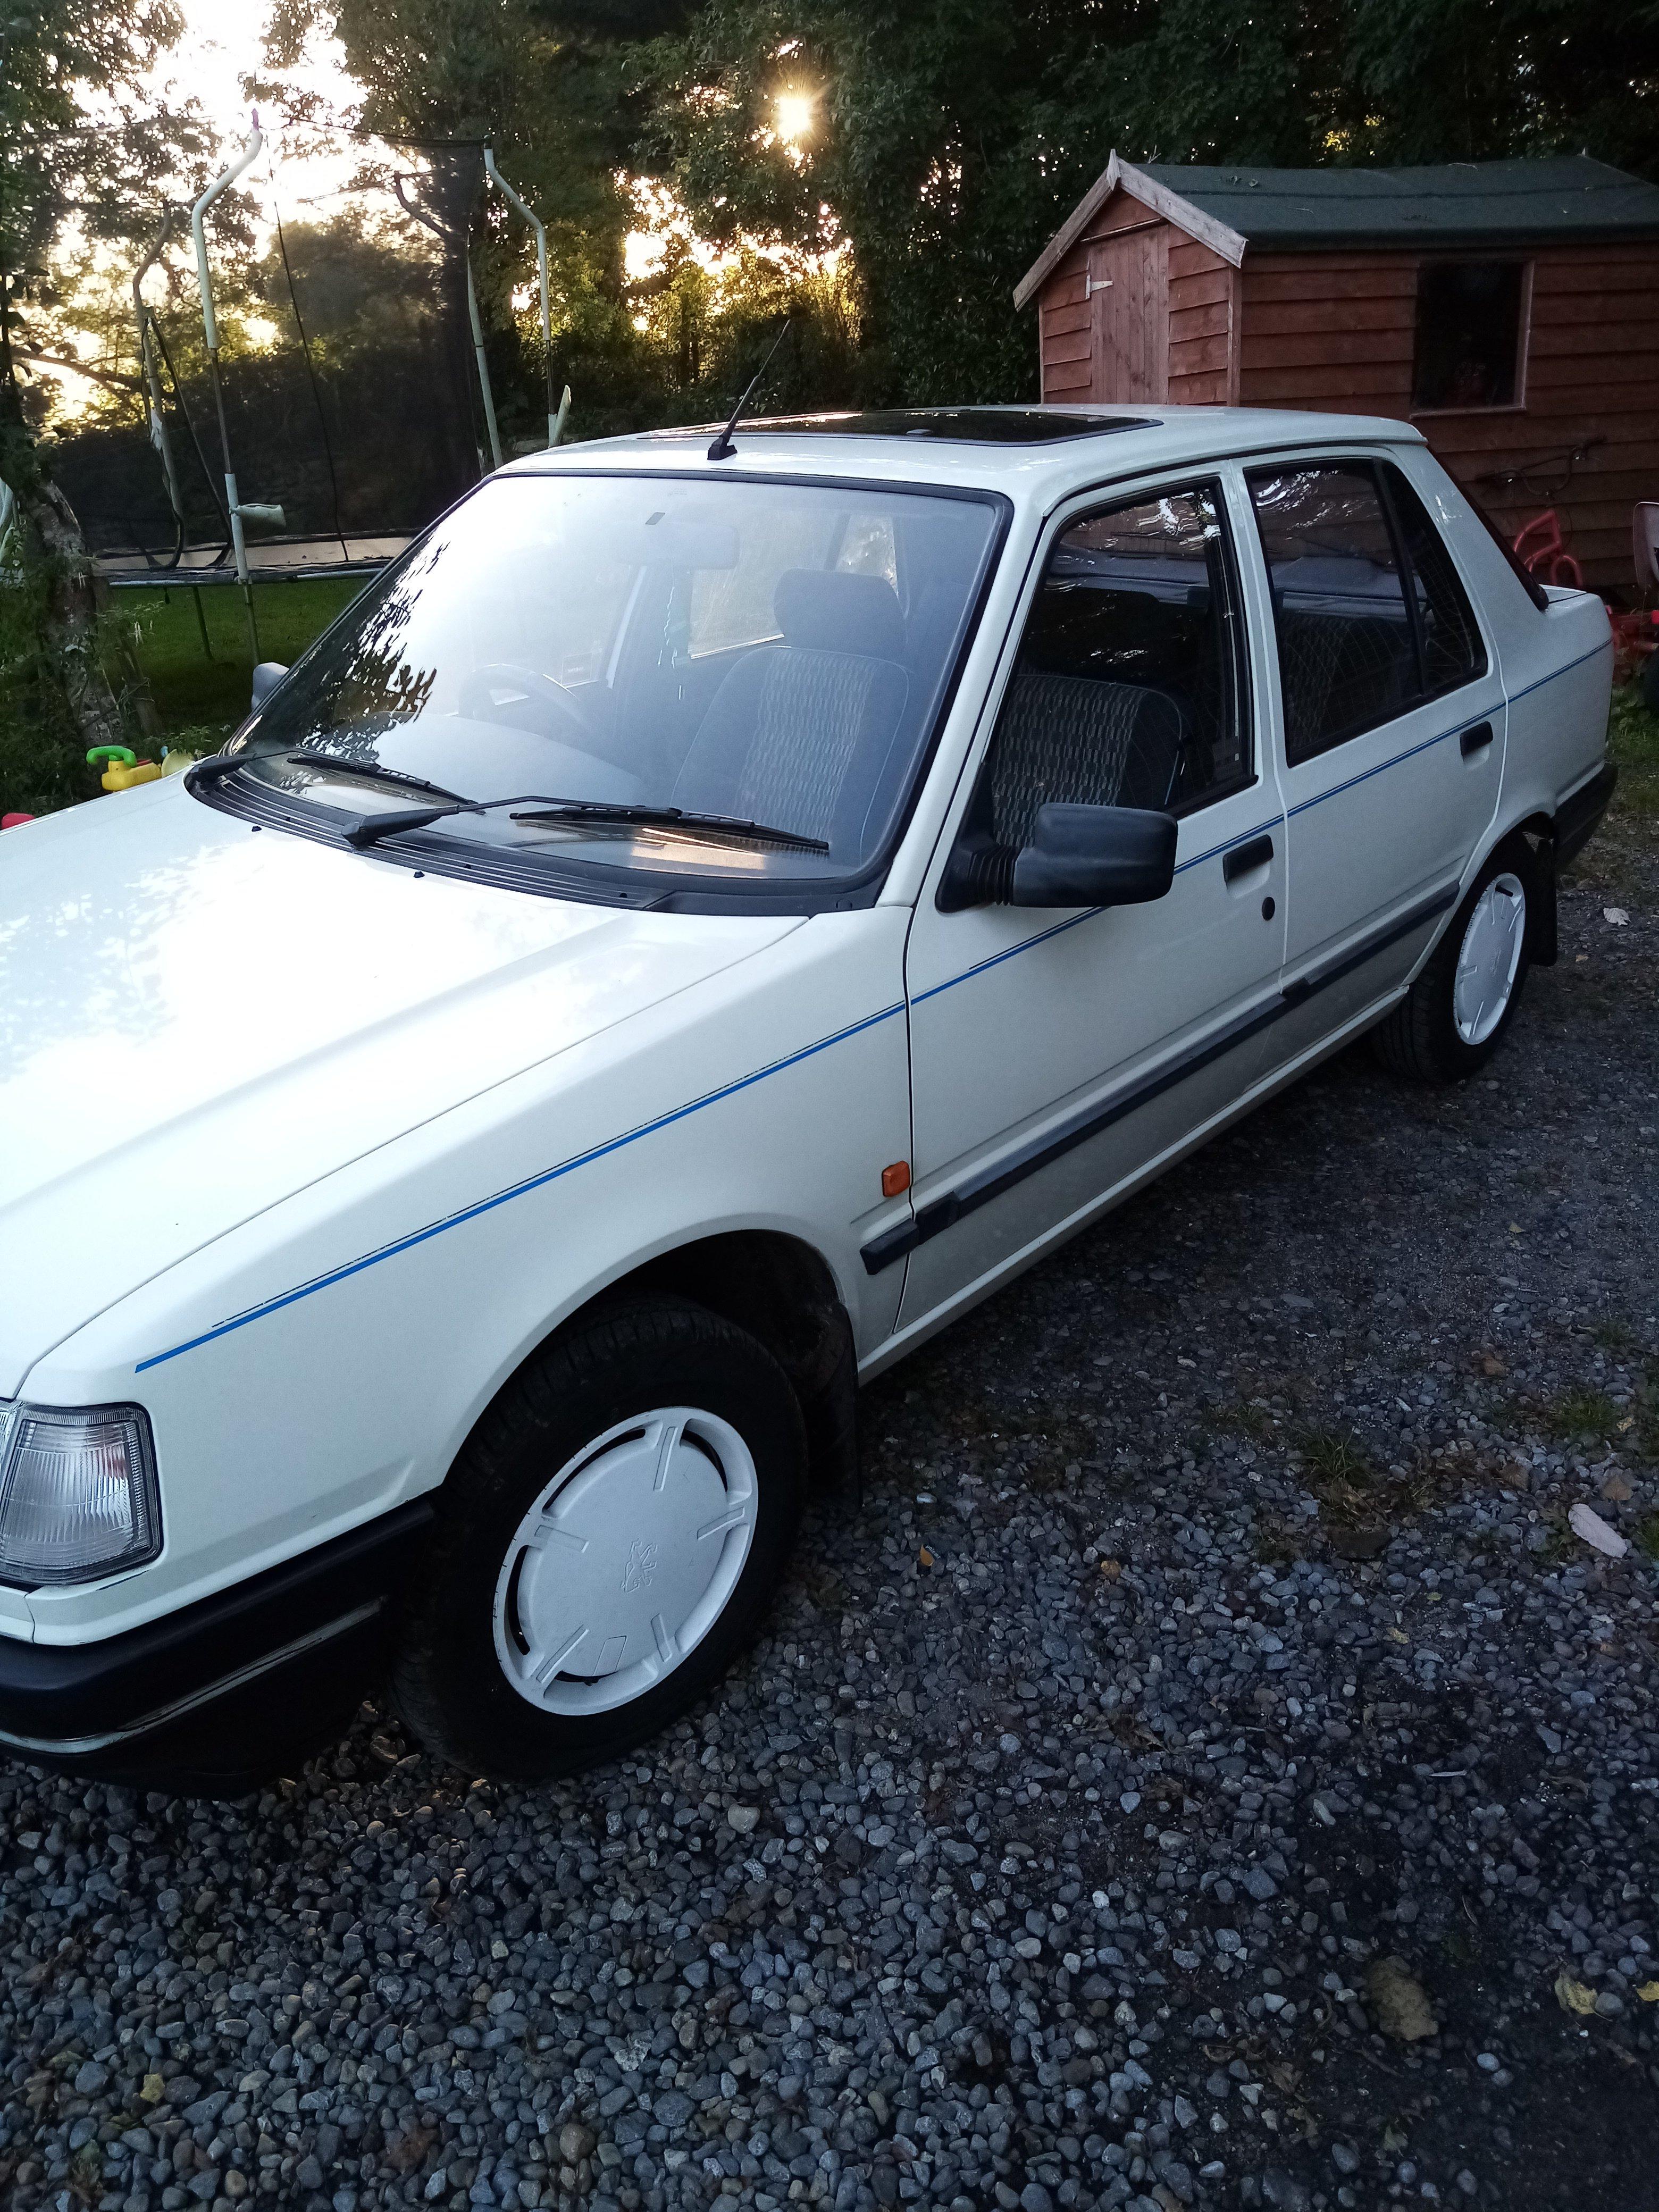 Peugeot 309. Excellent car.